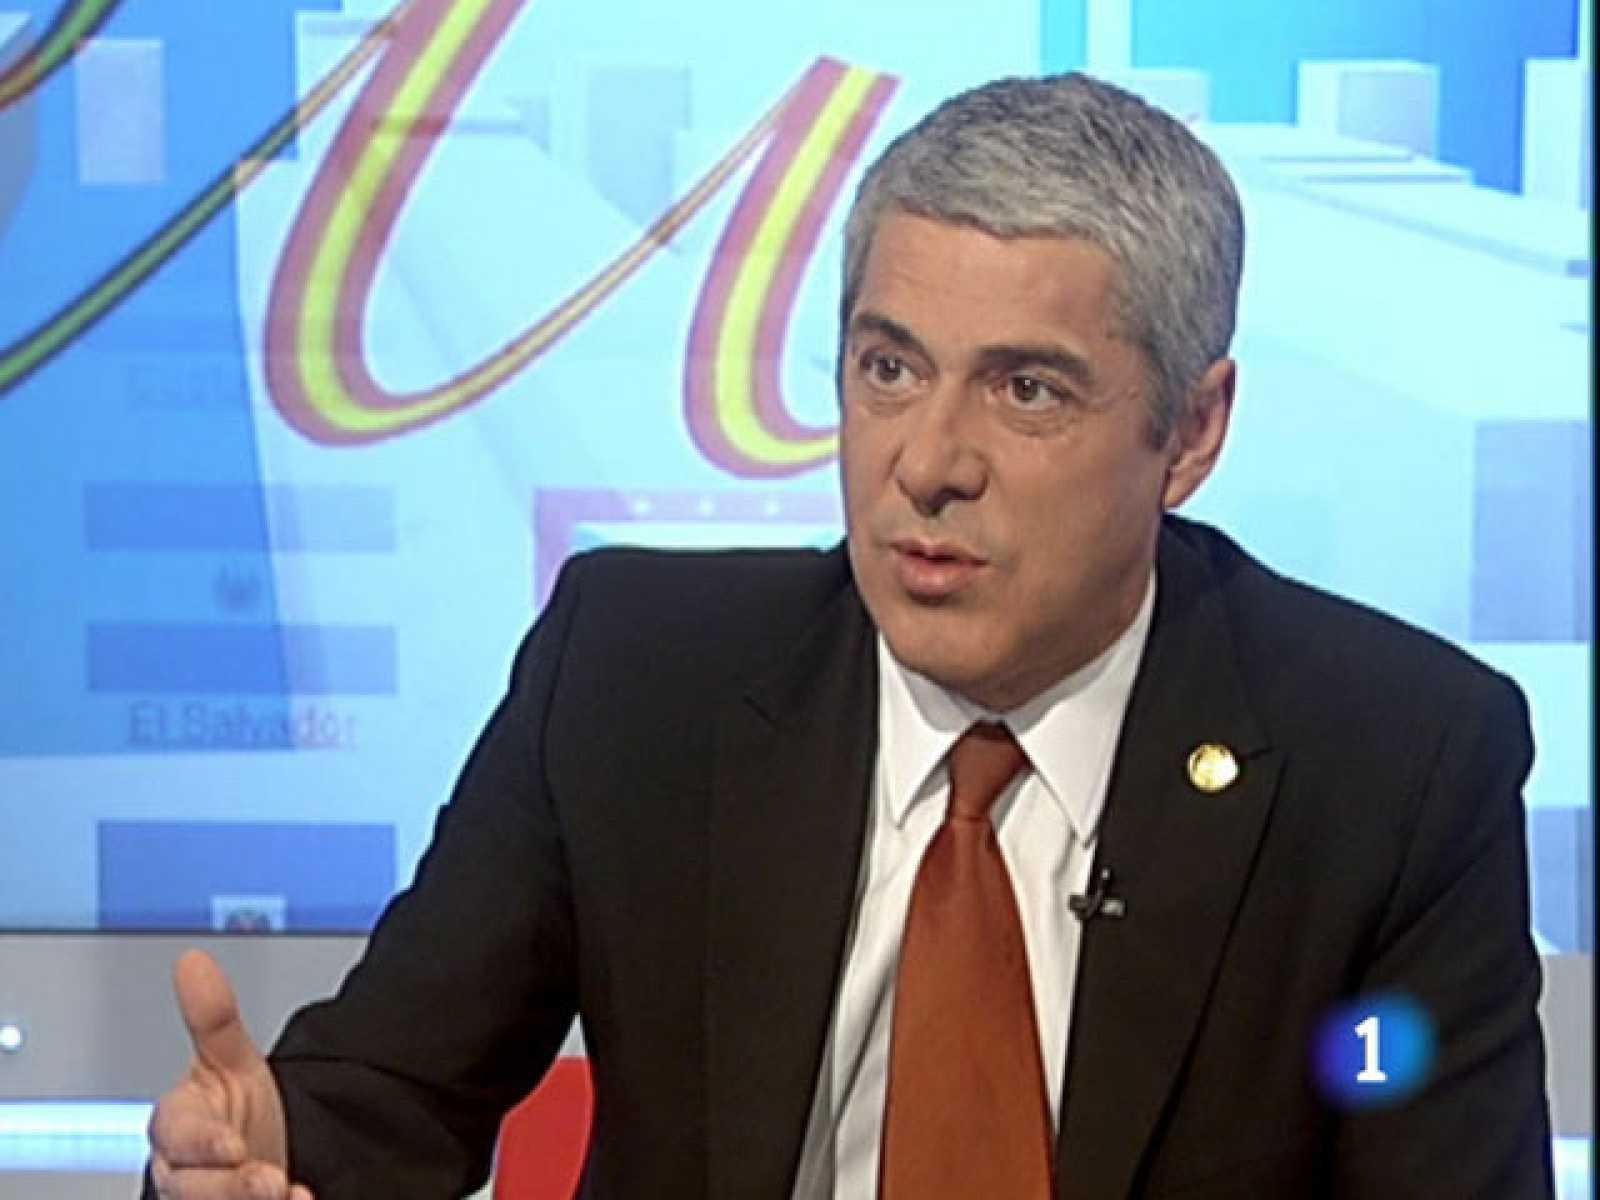 El primer ministro de Portugal, José Sócrates, en los Desayunos de TVE